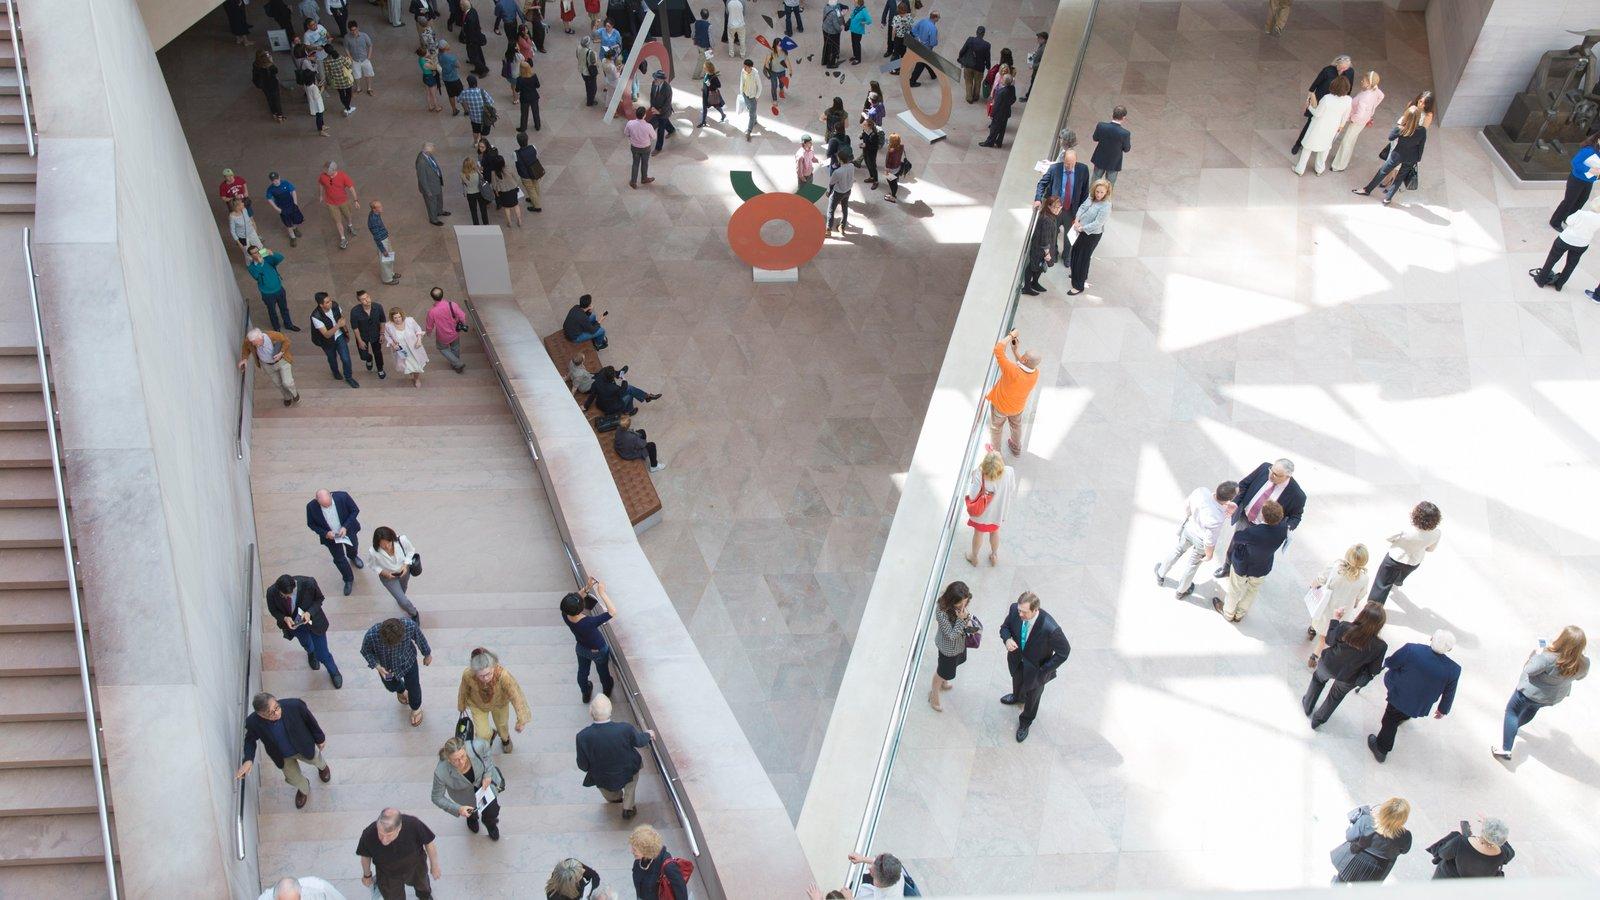 Galería Nacional de Arte ofreciendo vistas interiores y también un pequeño grupo de personas